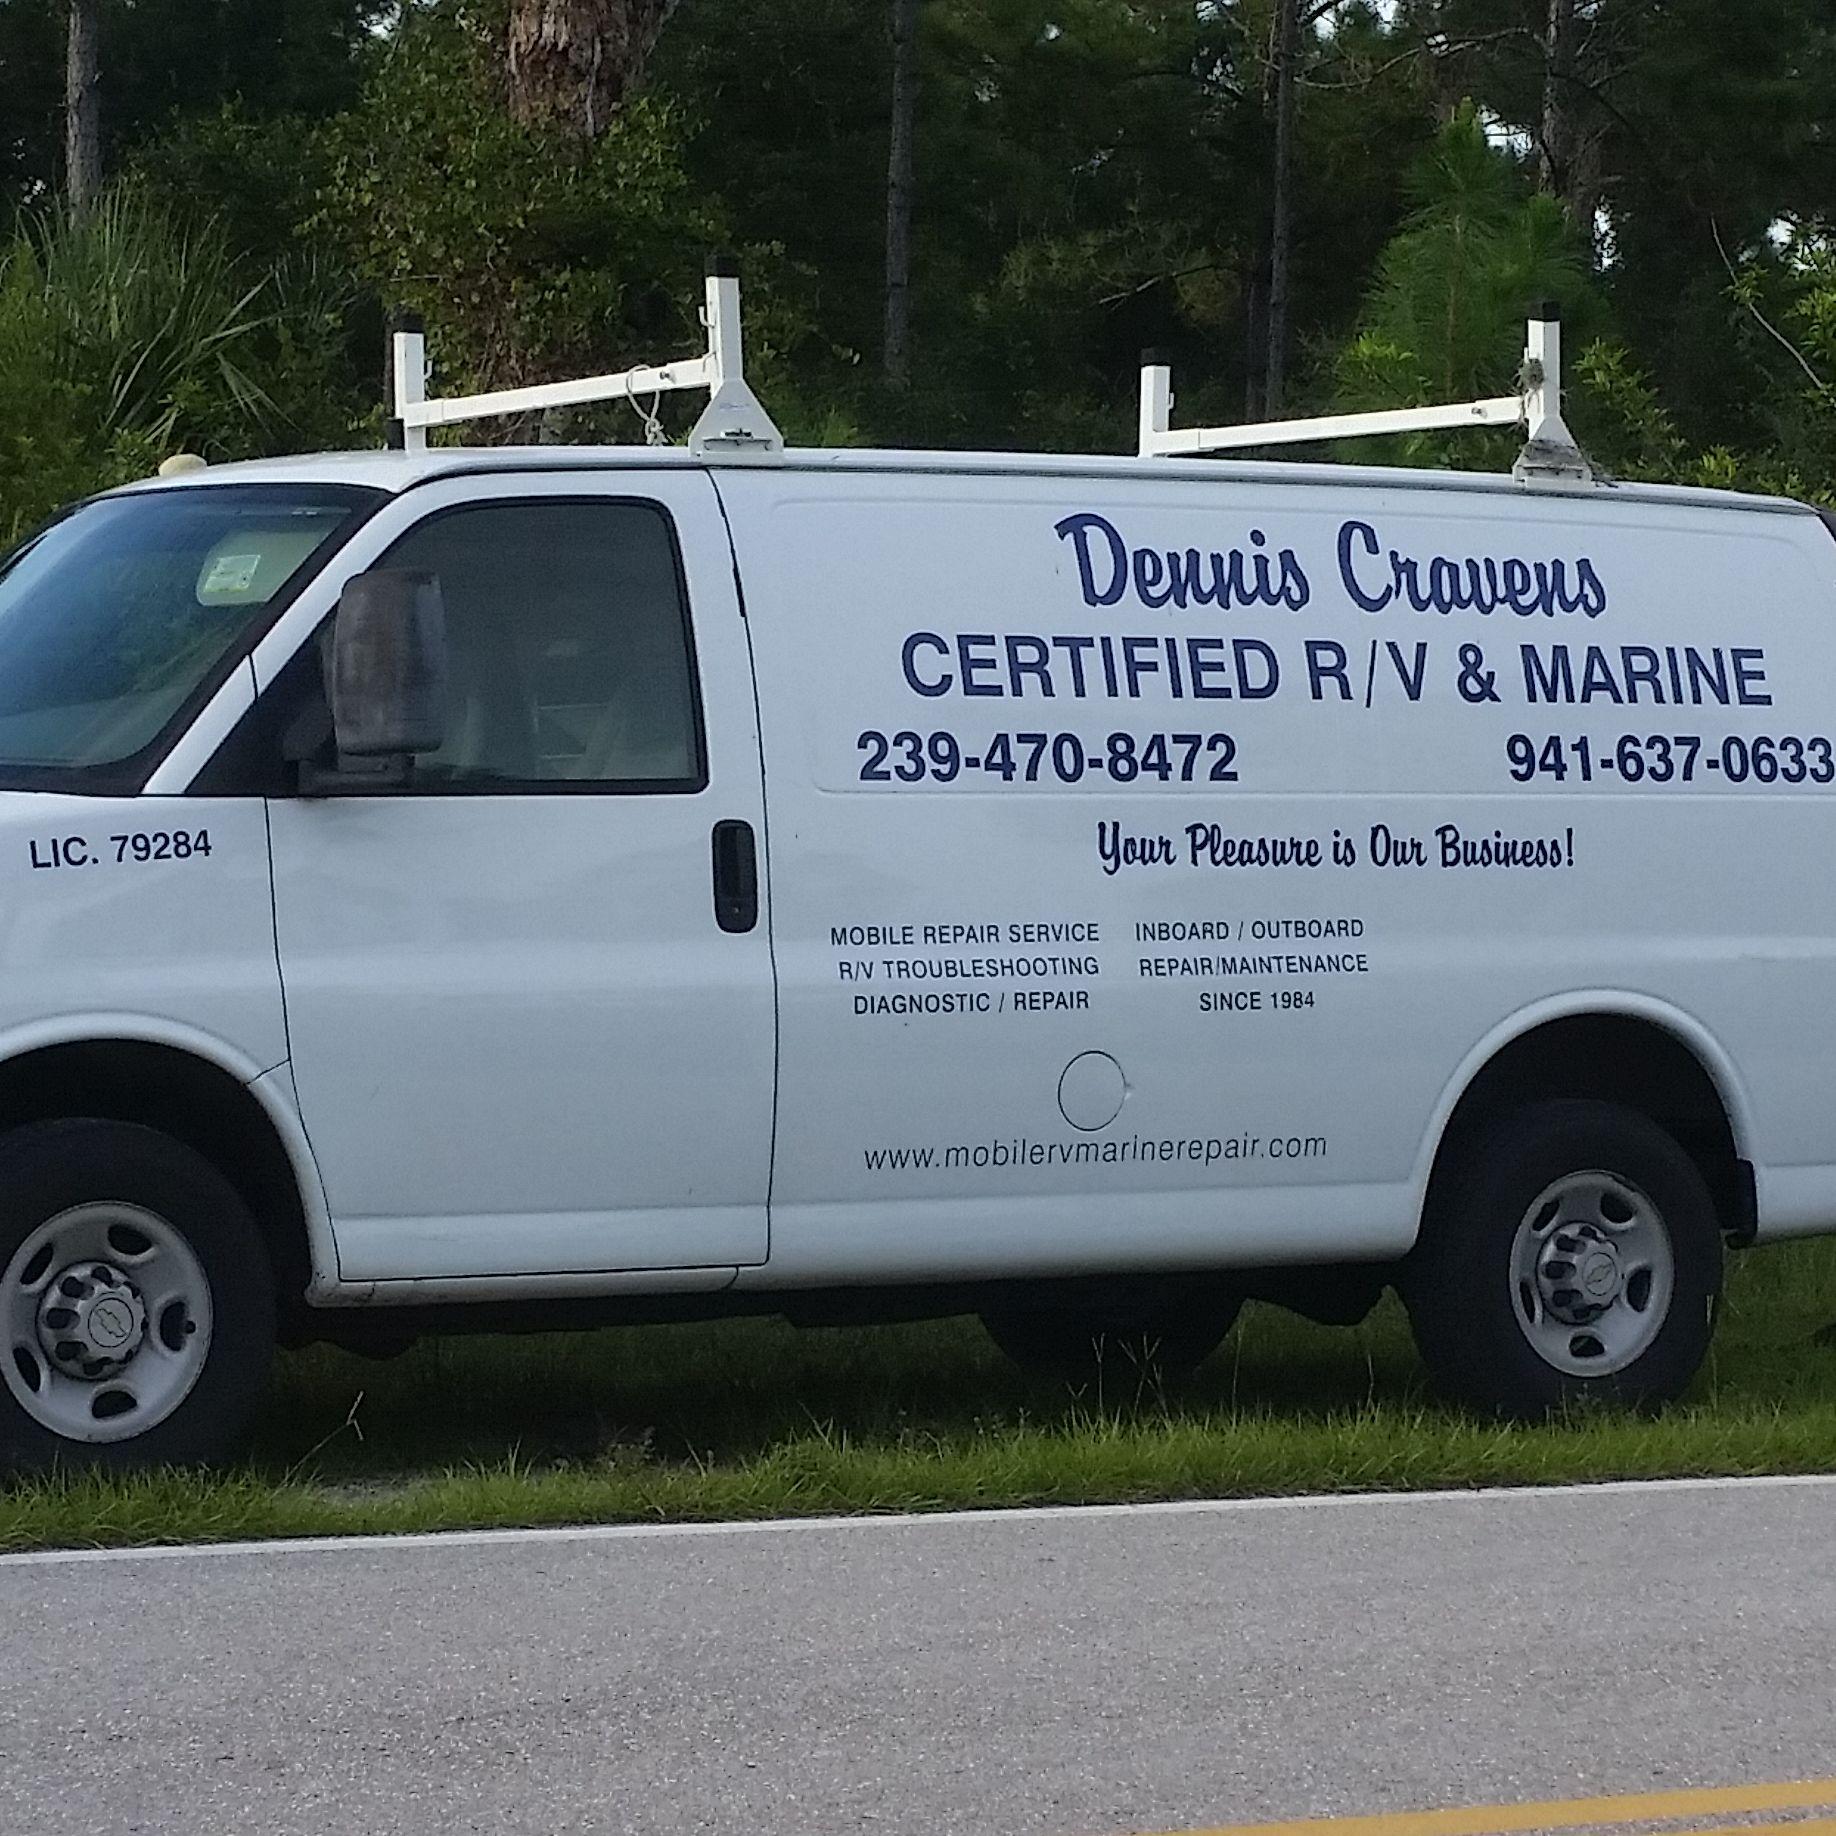 Dennis Cravens Certified RV & Marine, LLC